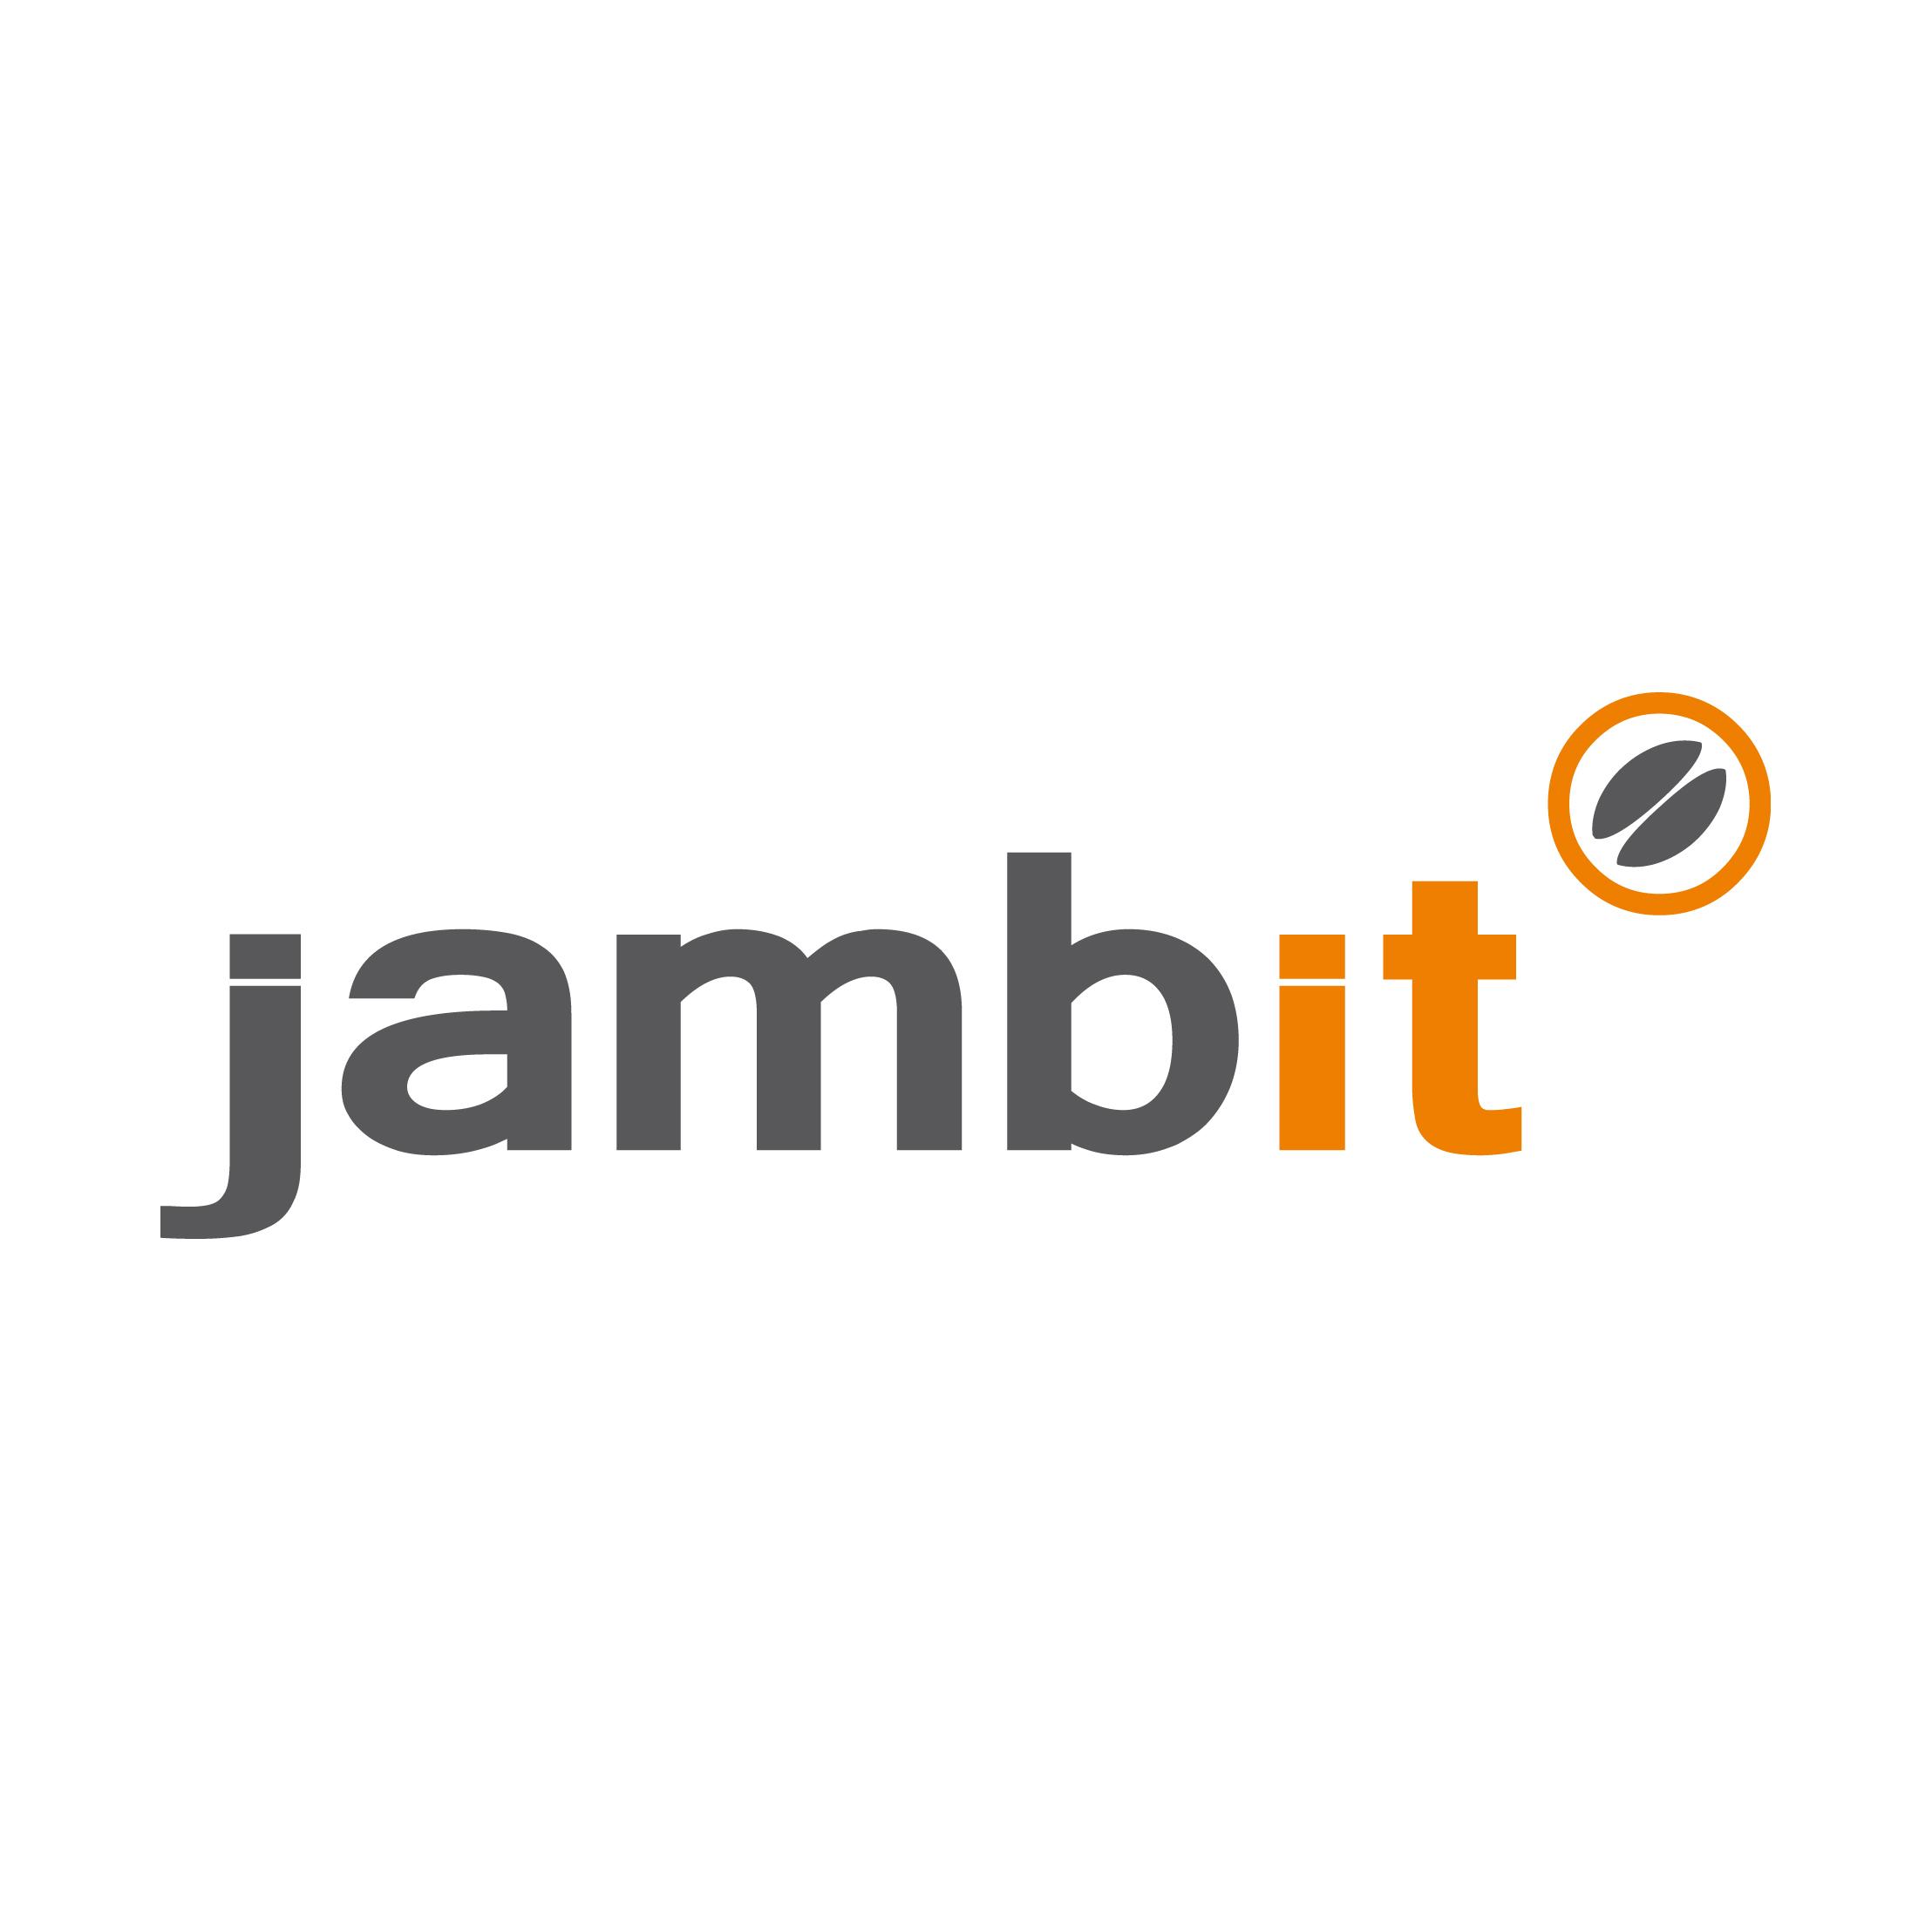 jambit_logo_neuentwicklung_auswahl_80-prozent-schwarz_ohne_unterzeile.jpg